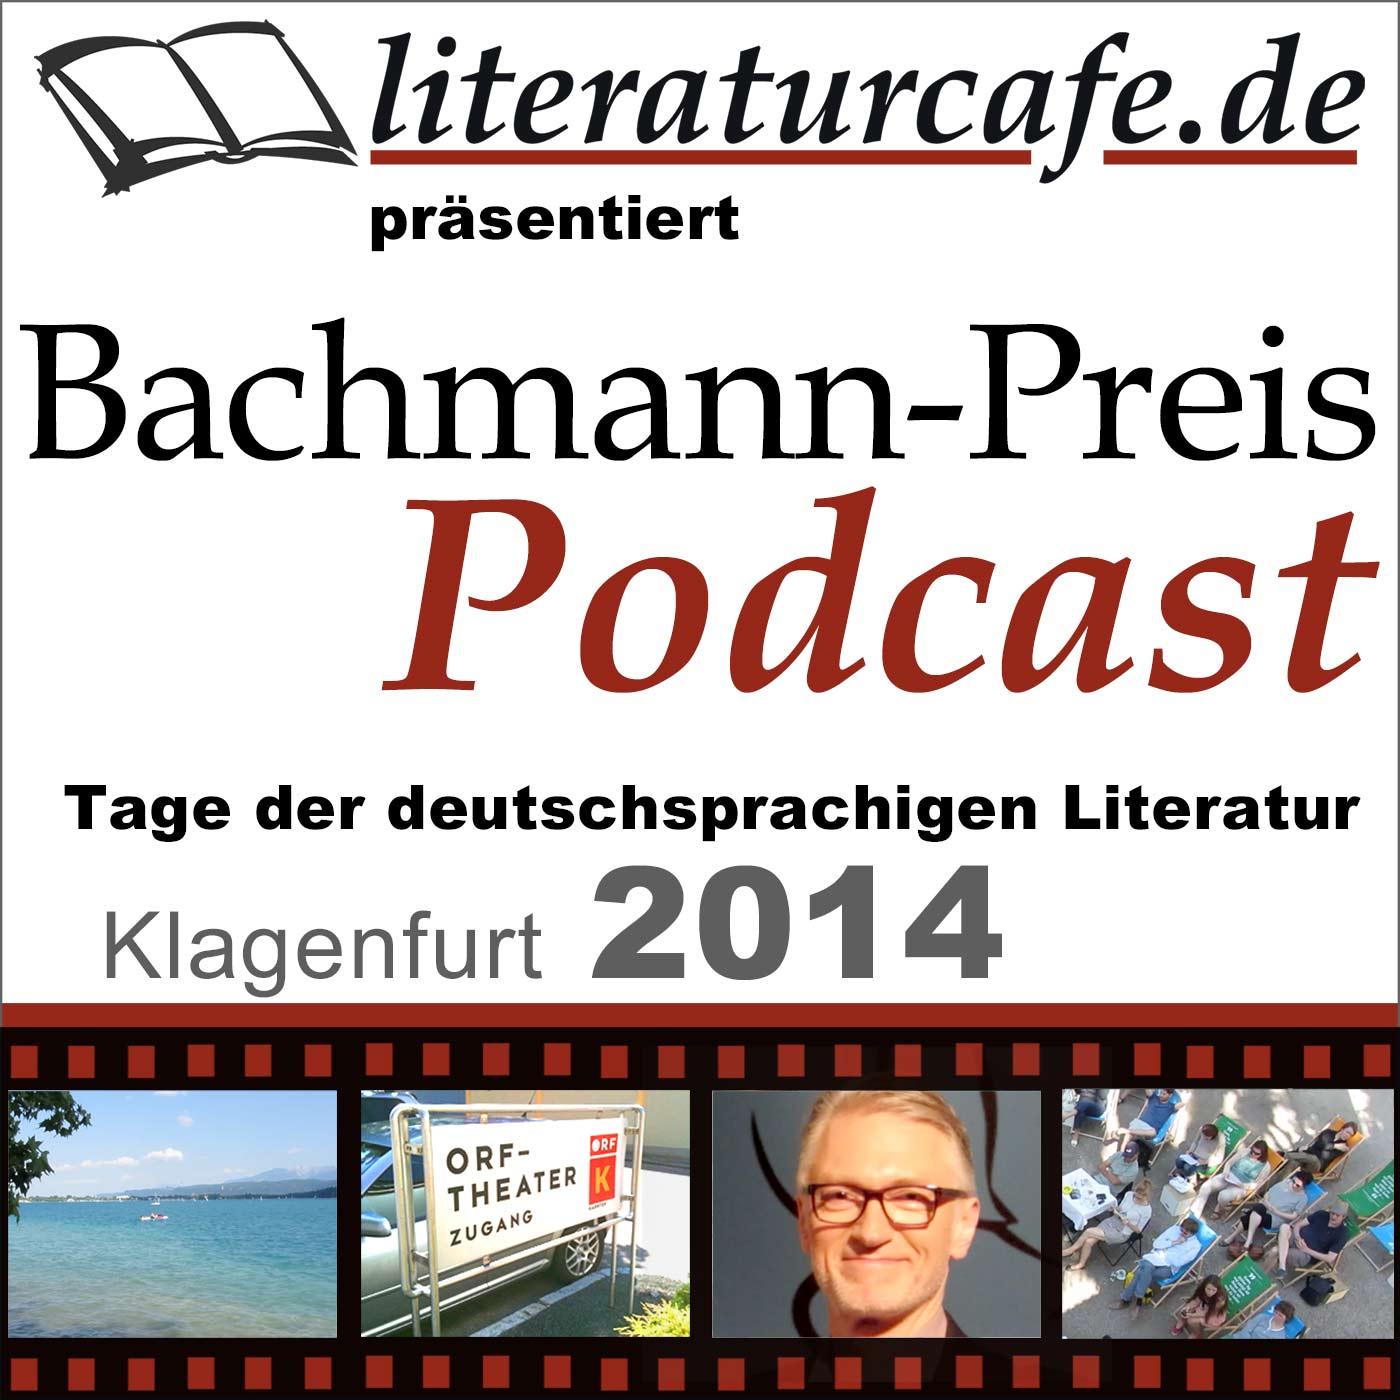 Bachmannpreis-Podcast 2014